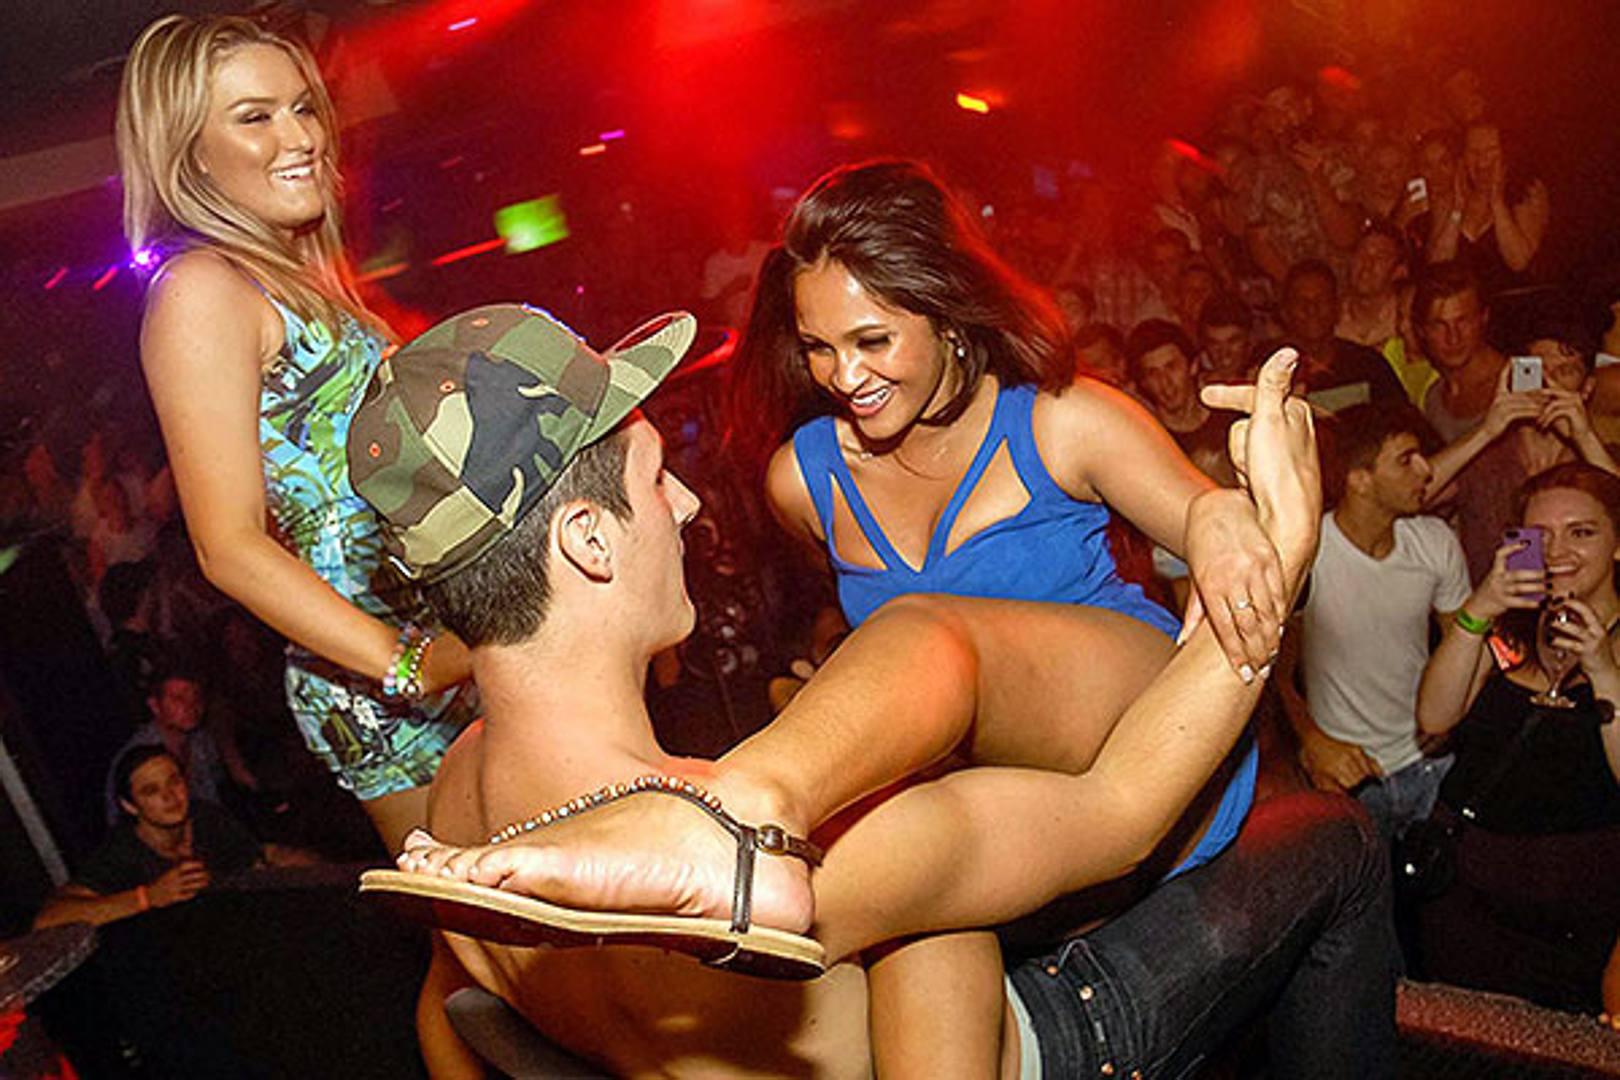 Секси телки в клубах, Порно с пьяными девушками и секс на порно вечеринках 22 фотография